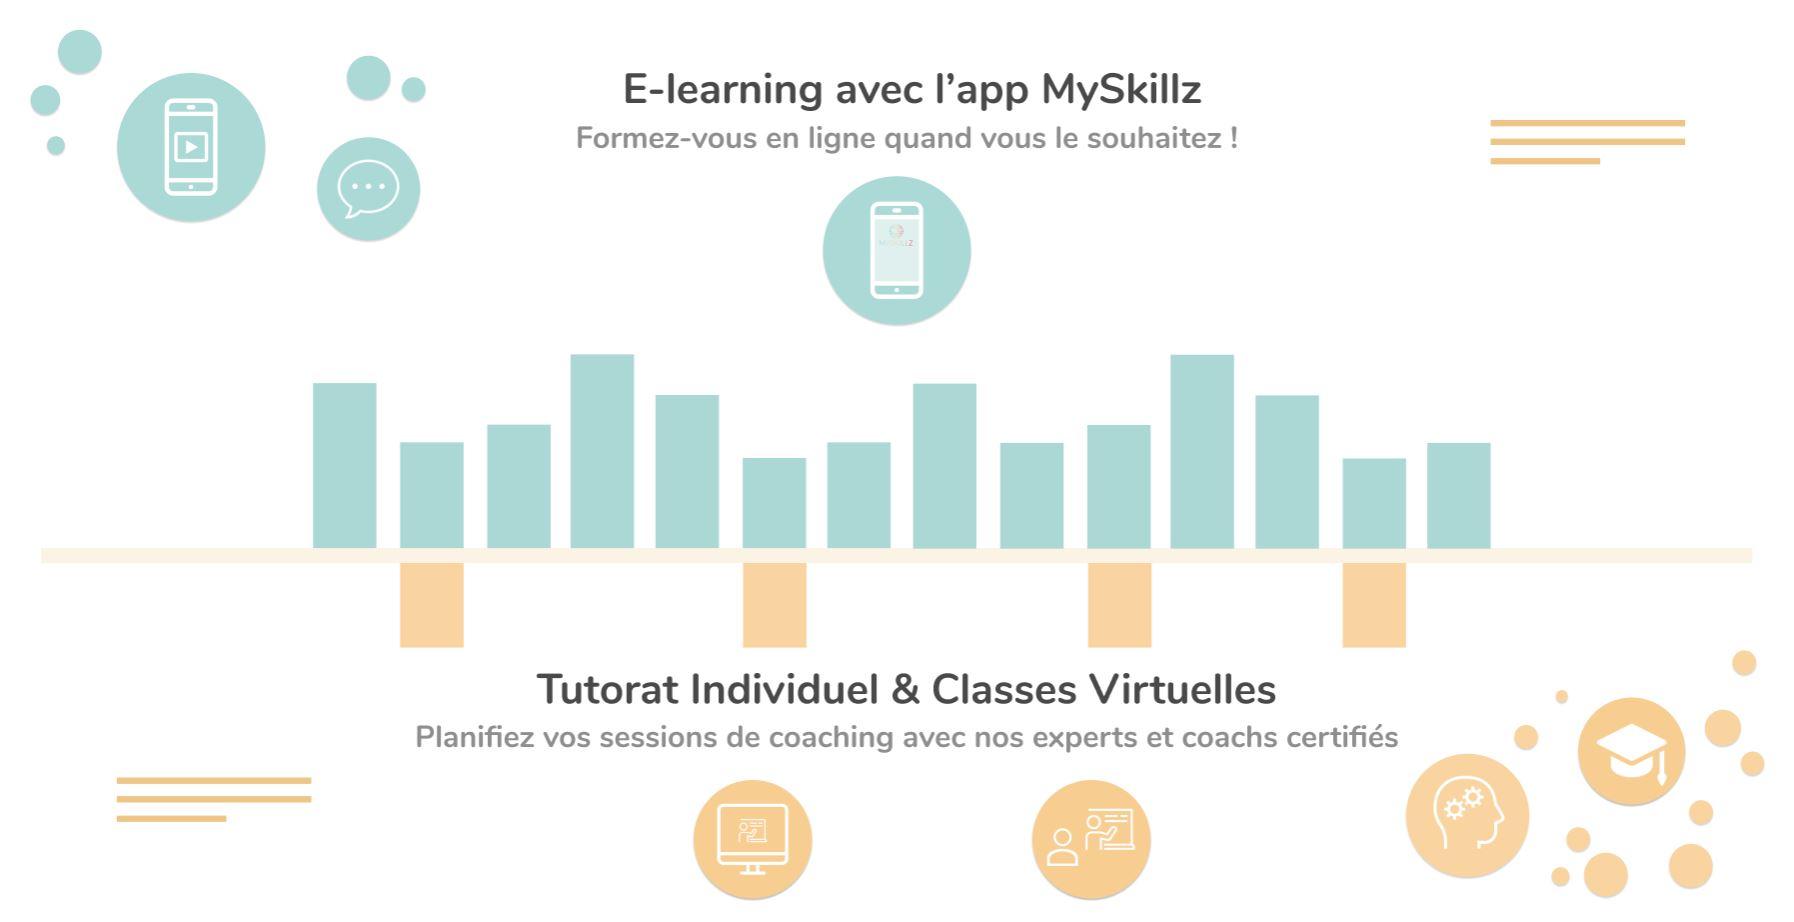 Elearning & tutorat MySkillz